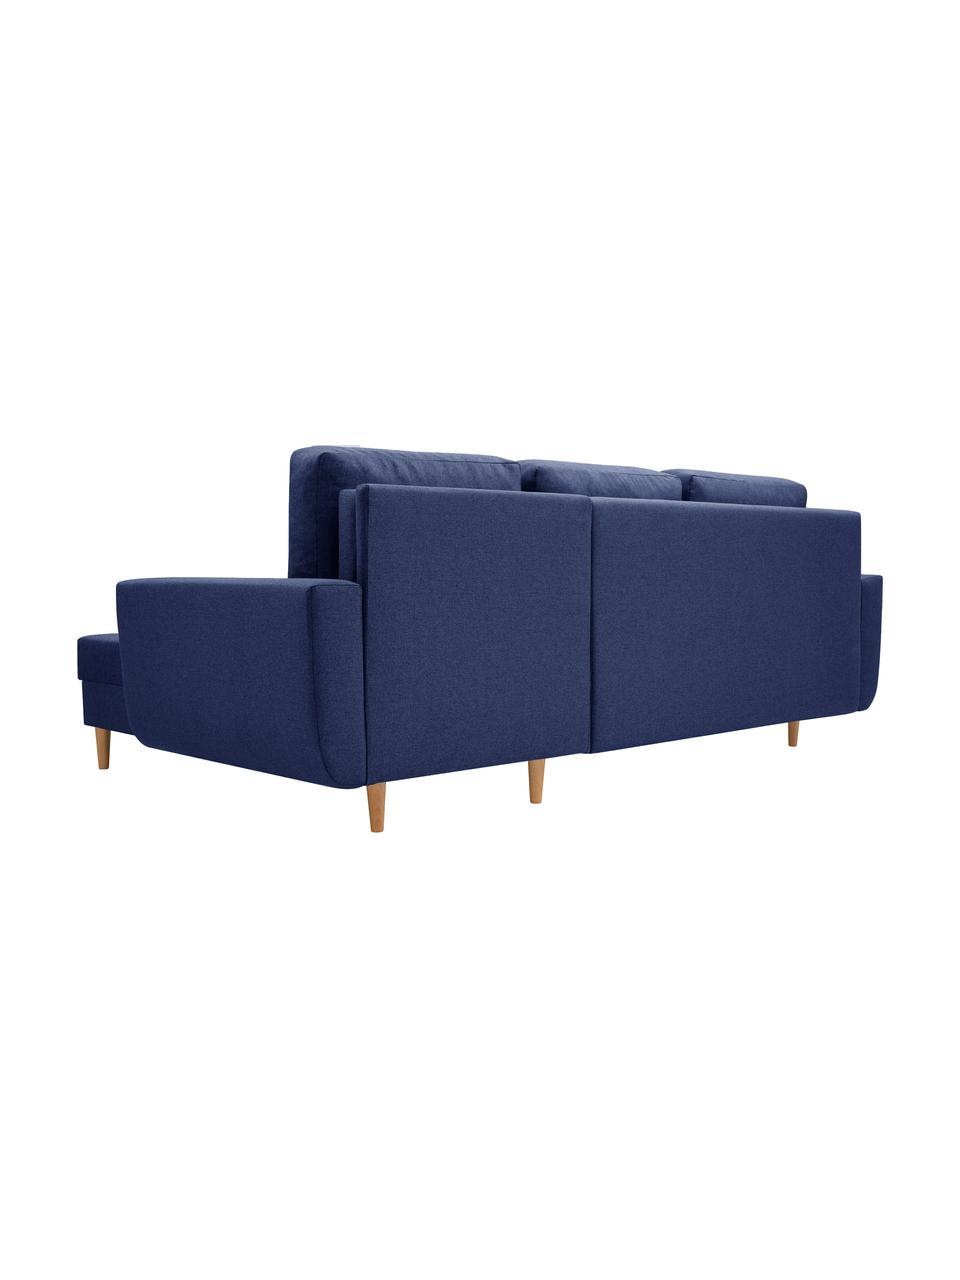 Sofa narożna z funkcją spania i schowkiem Neo (4-osobowa), Tapicerka: 100% poliester, Ciemny niebieski, S 230 x G 140 cm